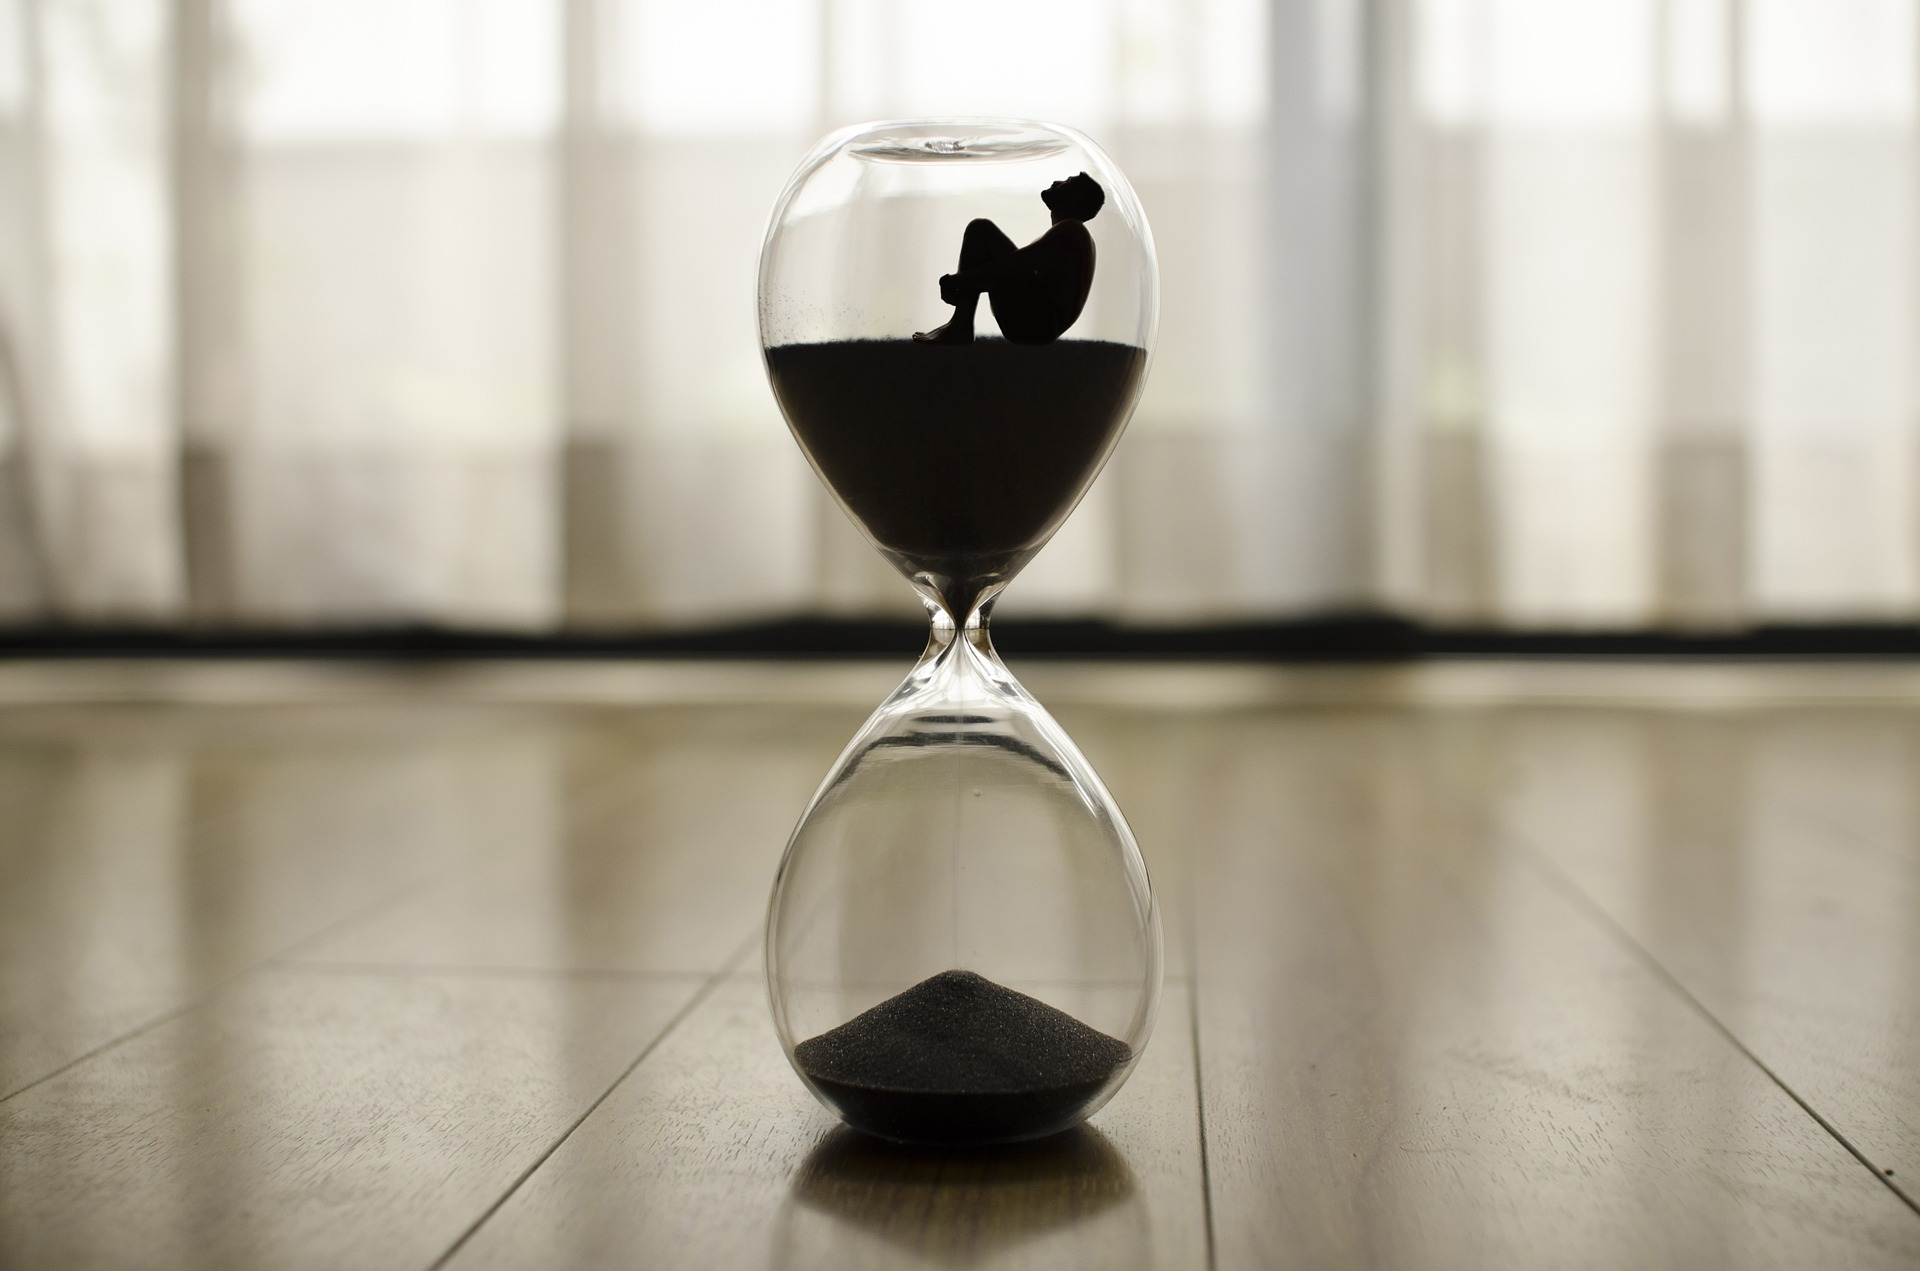 Long shipping times